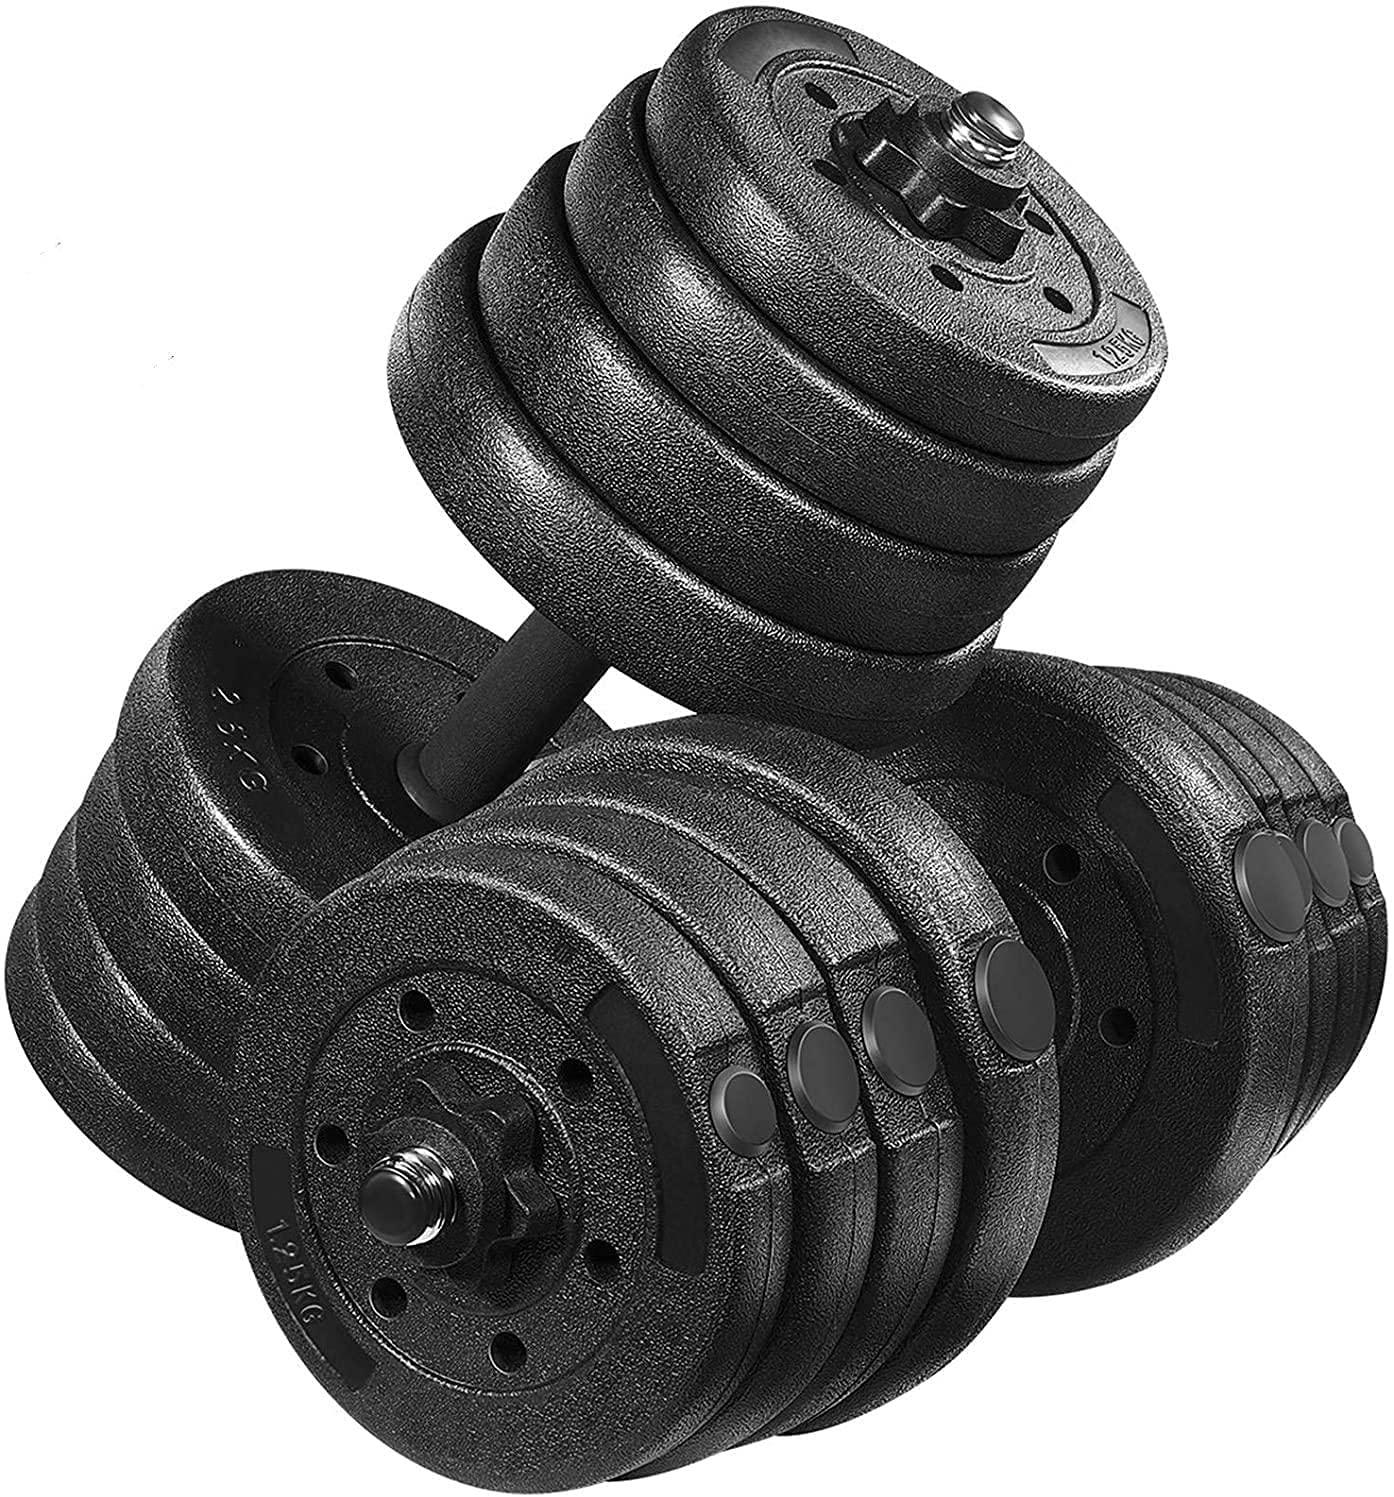 Dumbbells Adjustable 20 30 Kg Weights Barbell Set Dumbells Pair for Home Gym UK